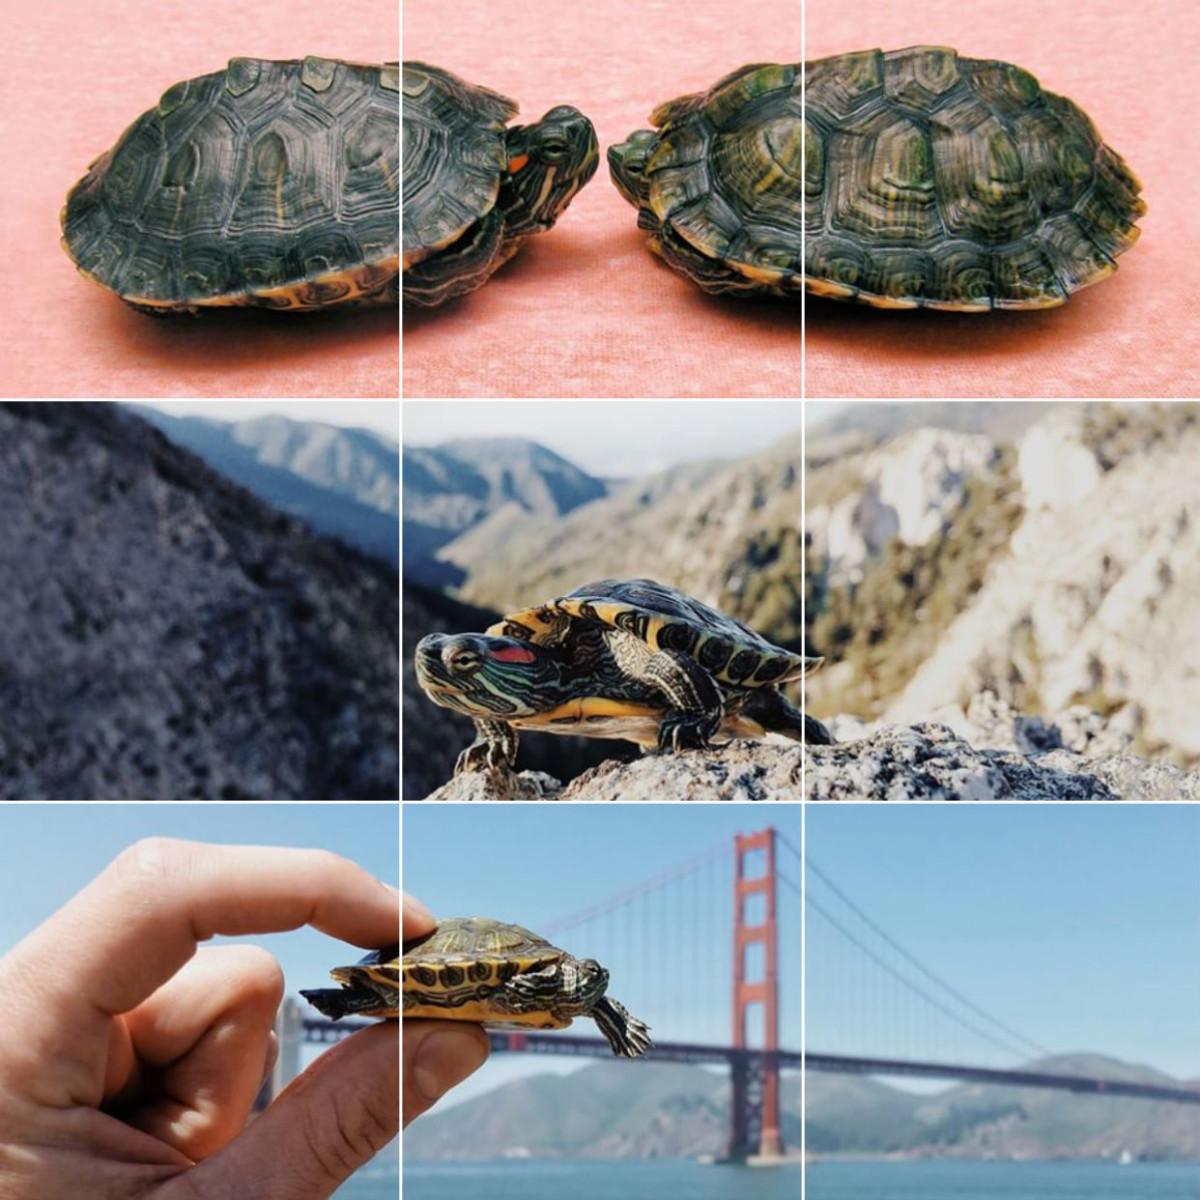 turtles_1